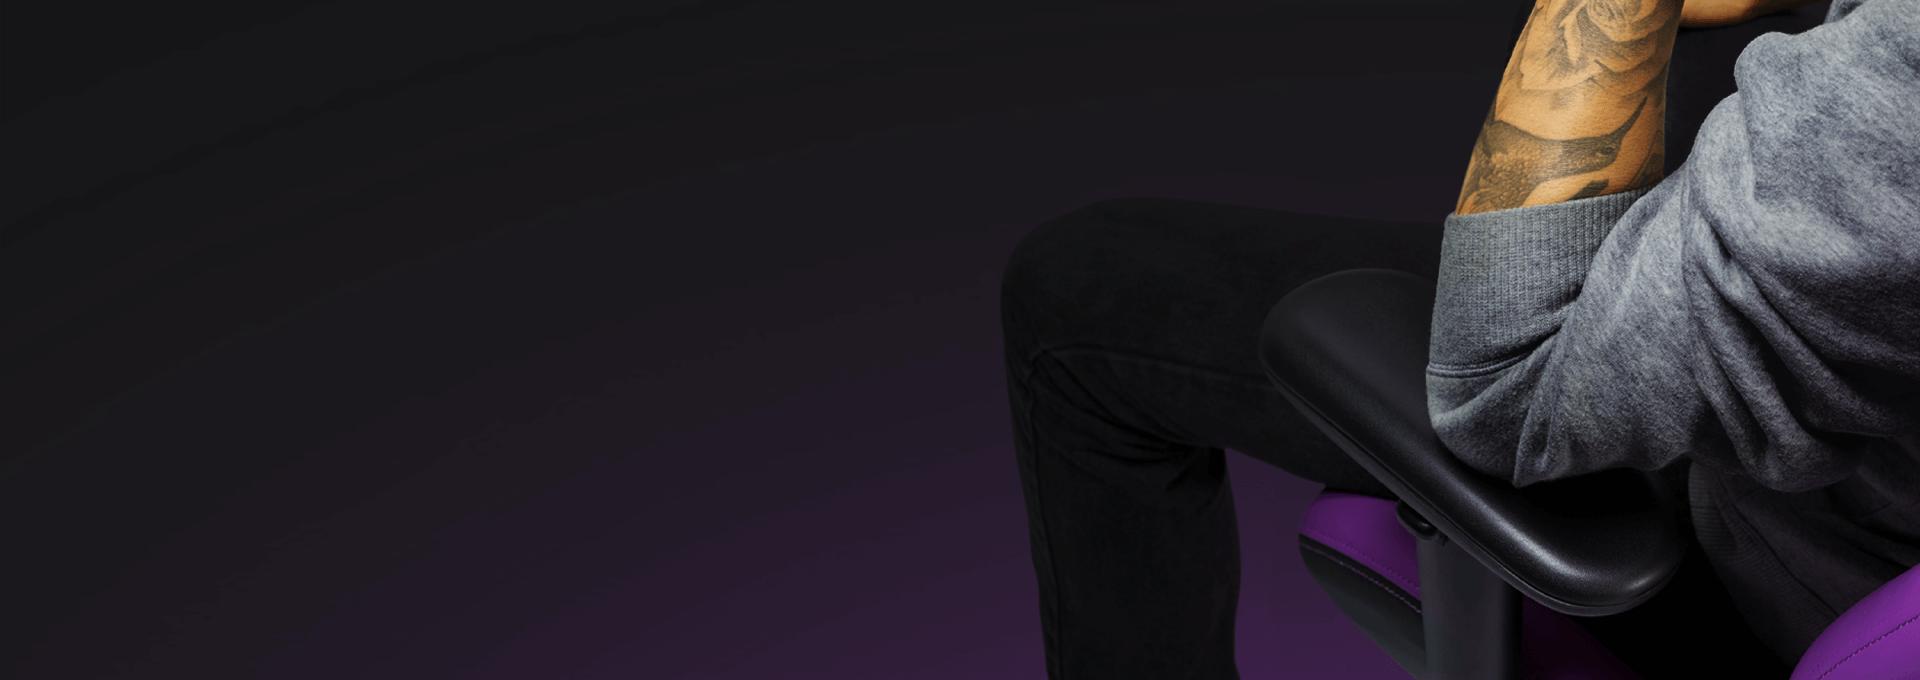 Ghế Gamer CoolerMaster Caliber R2 CM Purple (CMI-GCR2-2019) trang bị kê tay đa  hướng